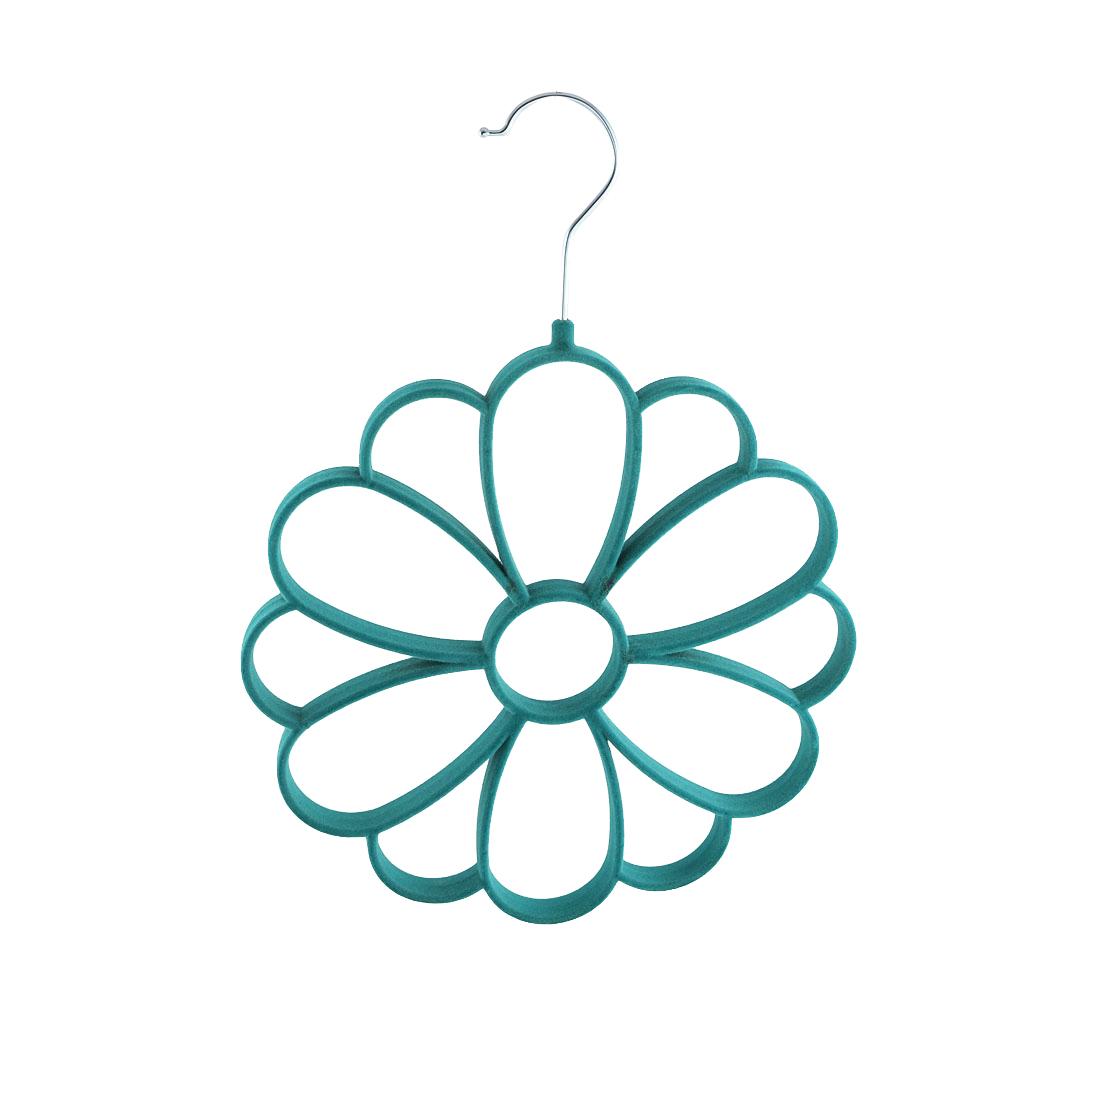 Household Velvet Chrysanthemum Shaped Necktie Belt Scarf Holder Rack Organizer Blue